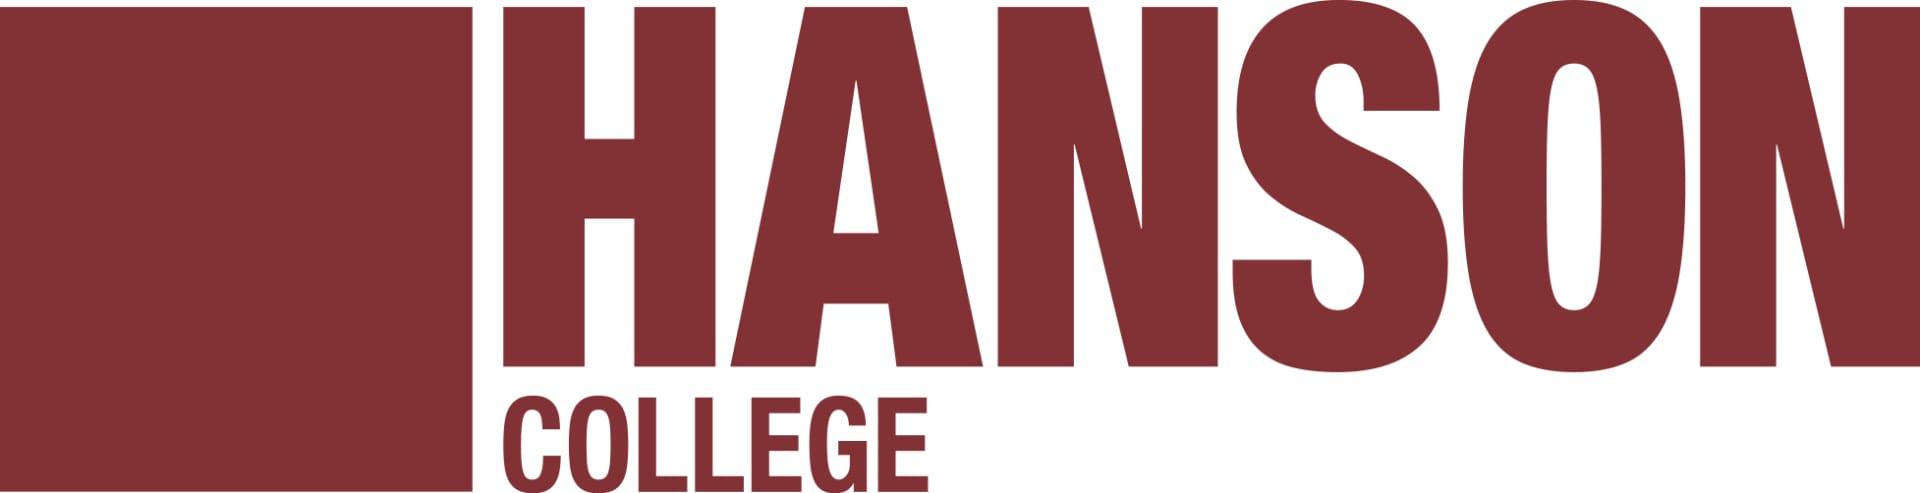 Hanson-College-w1920.jpg